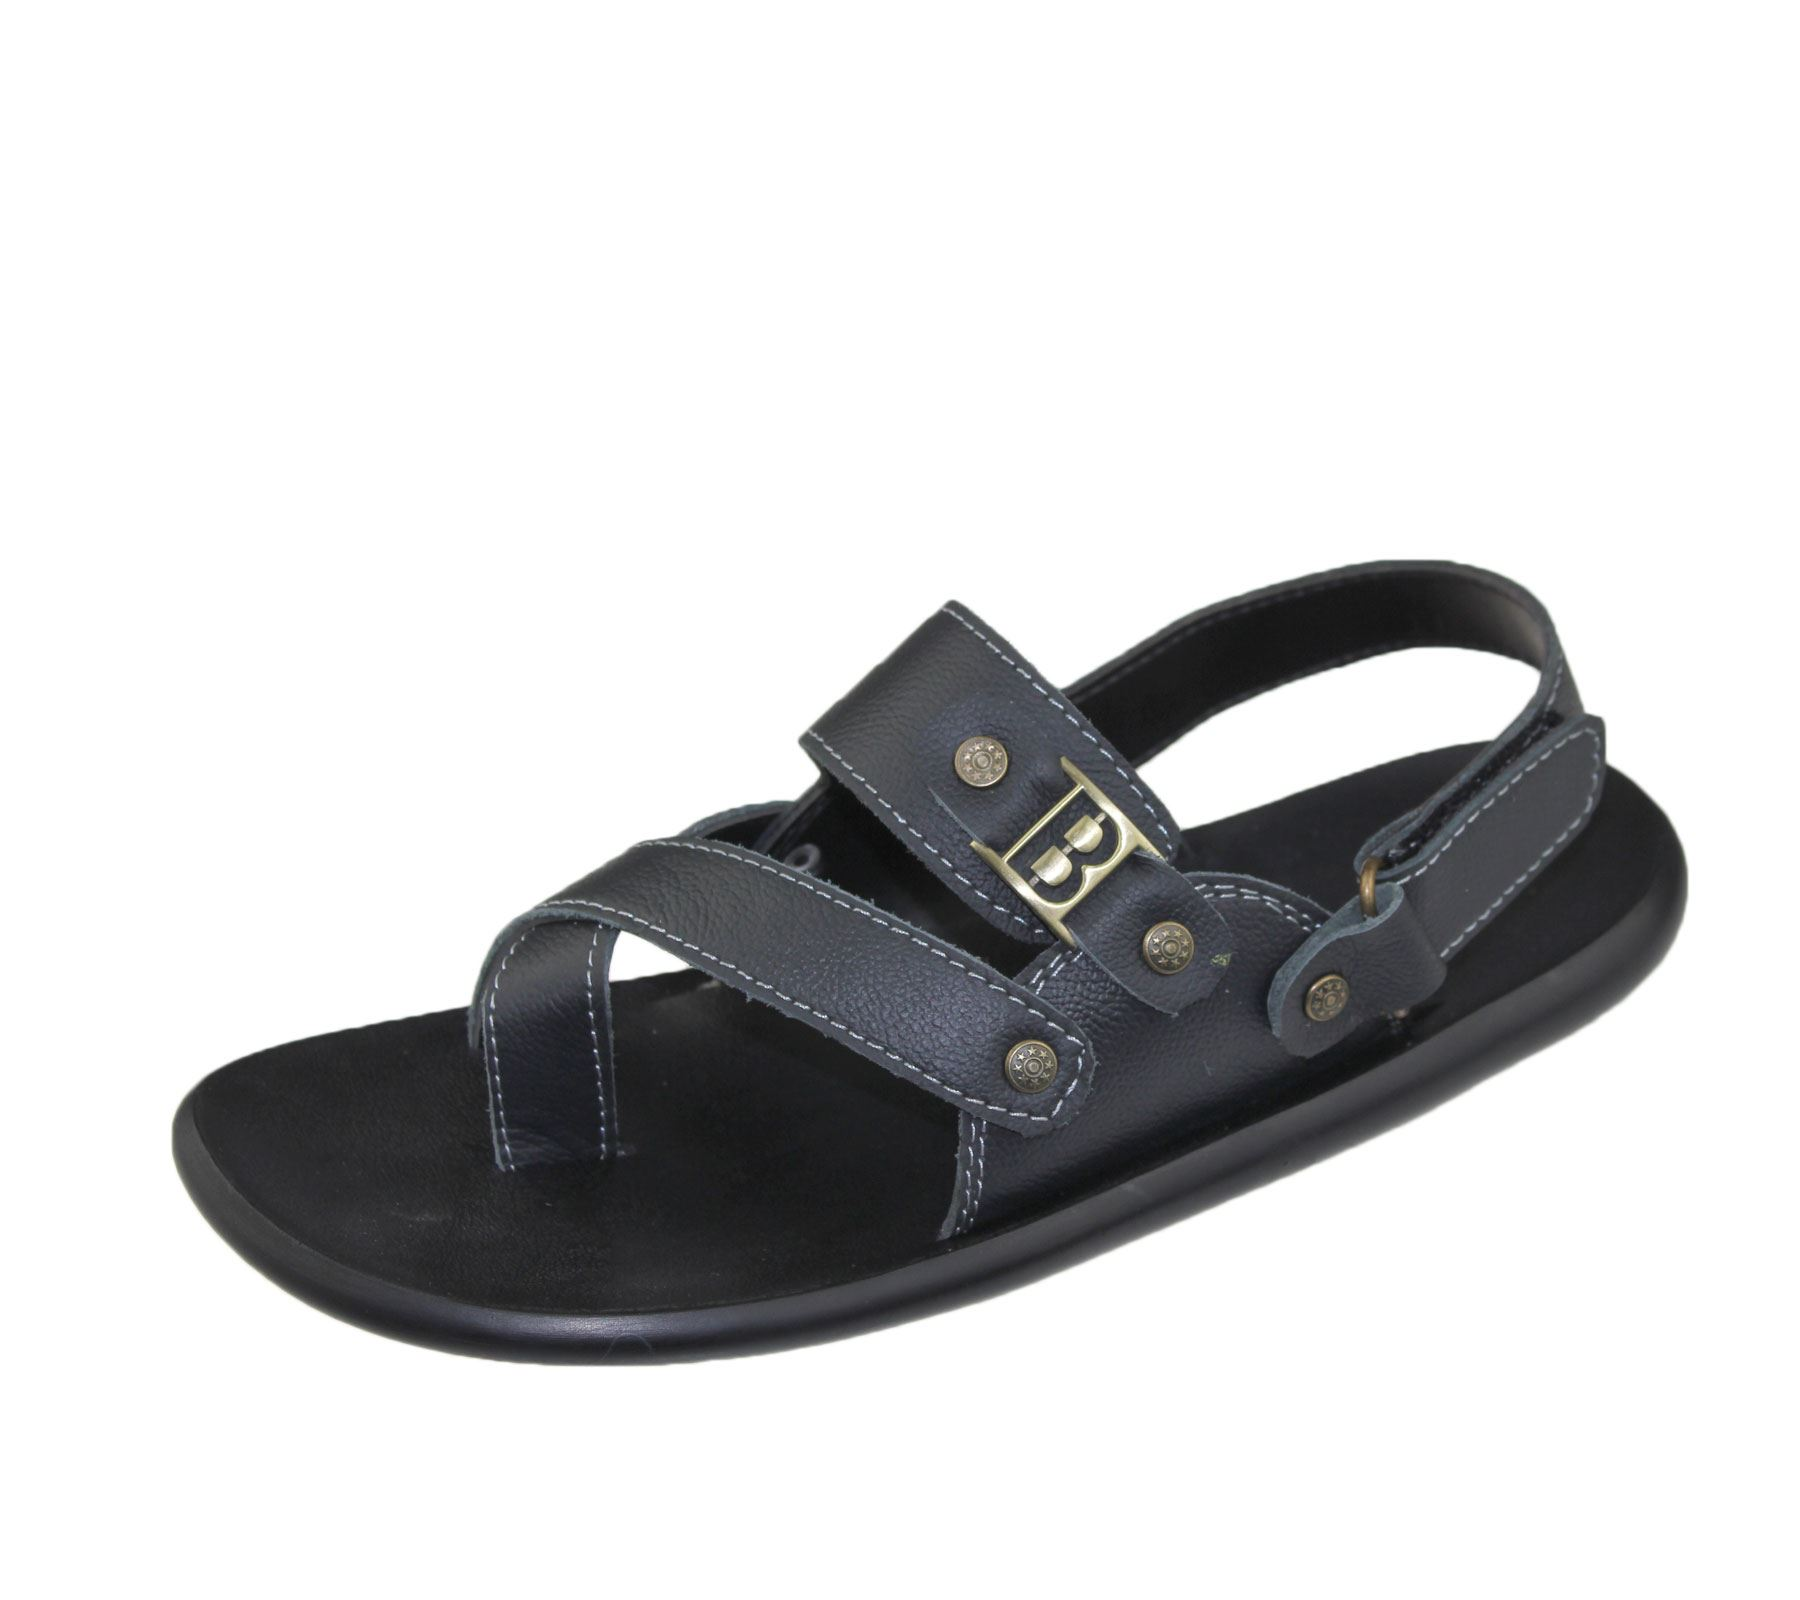 Zapatos de velcro para mujer con ajuste EEE extra ancho, color negro, de la talla 35,5 a la 43,5., color Negro, talla 37 1/3